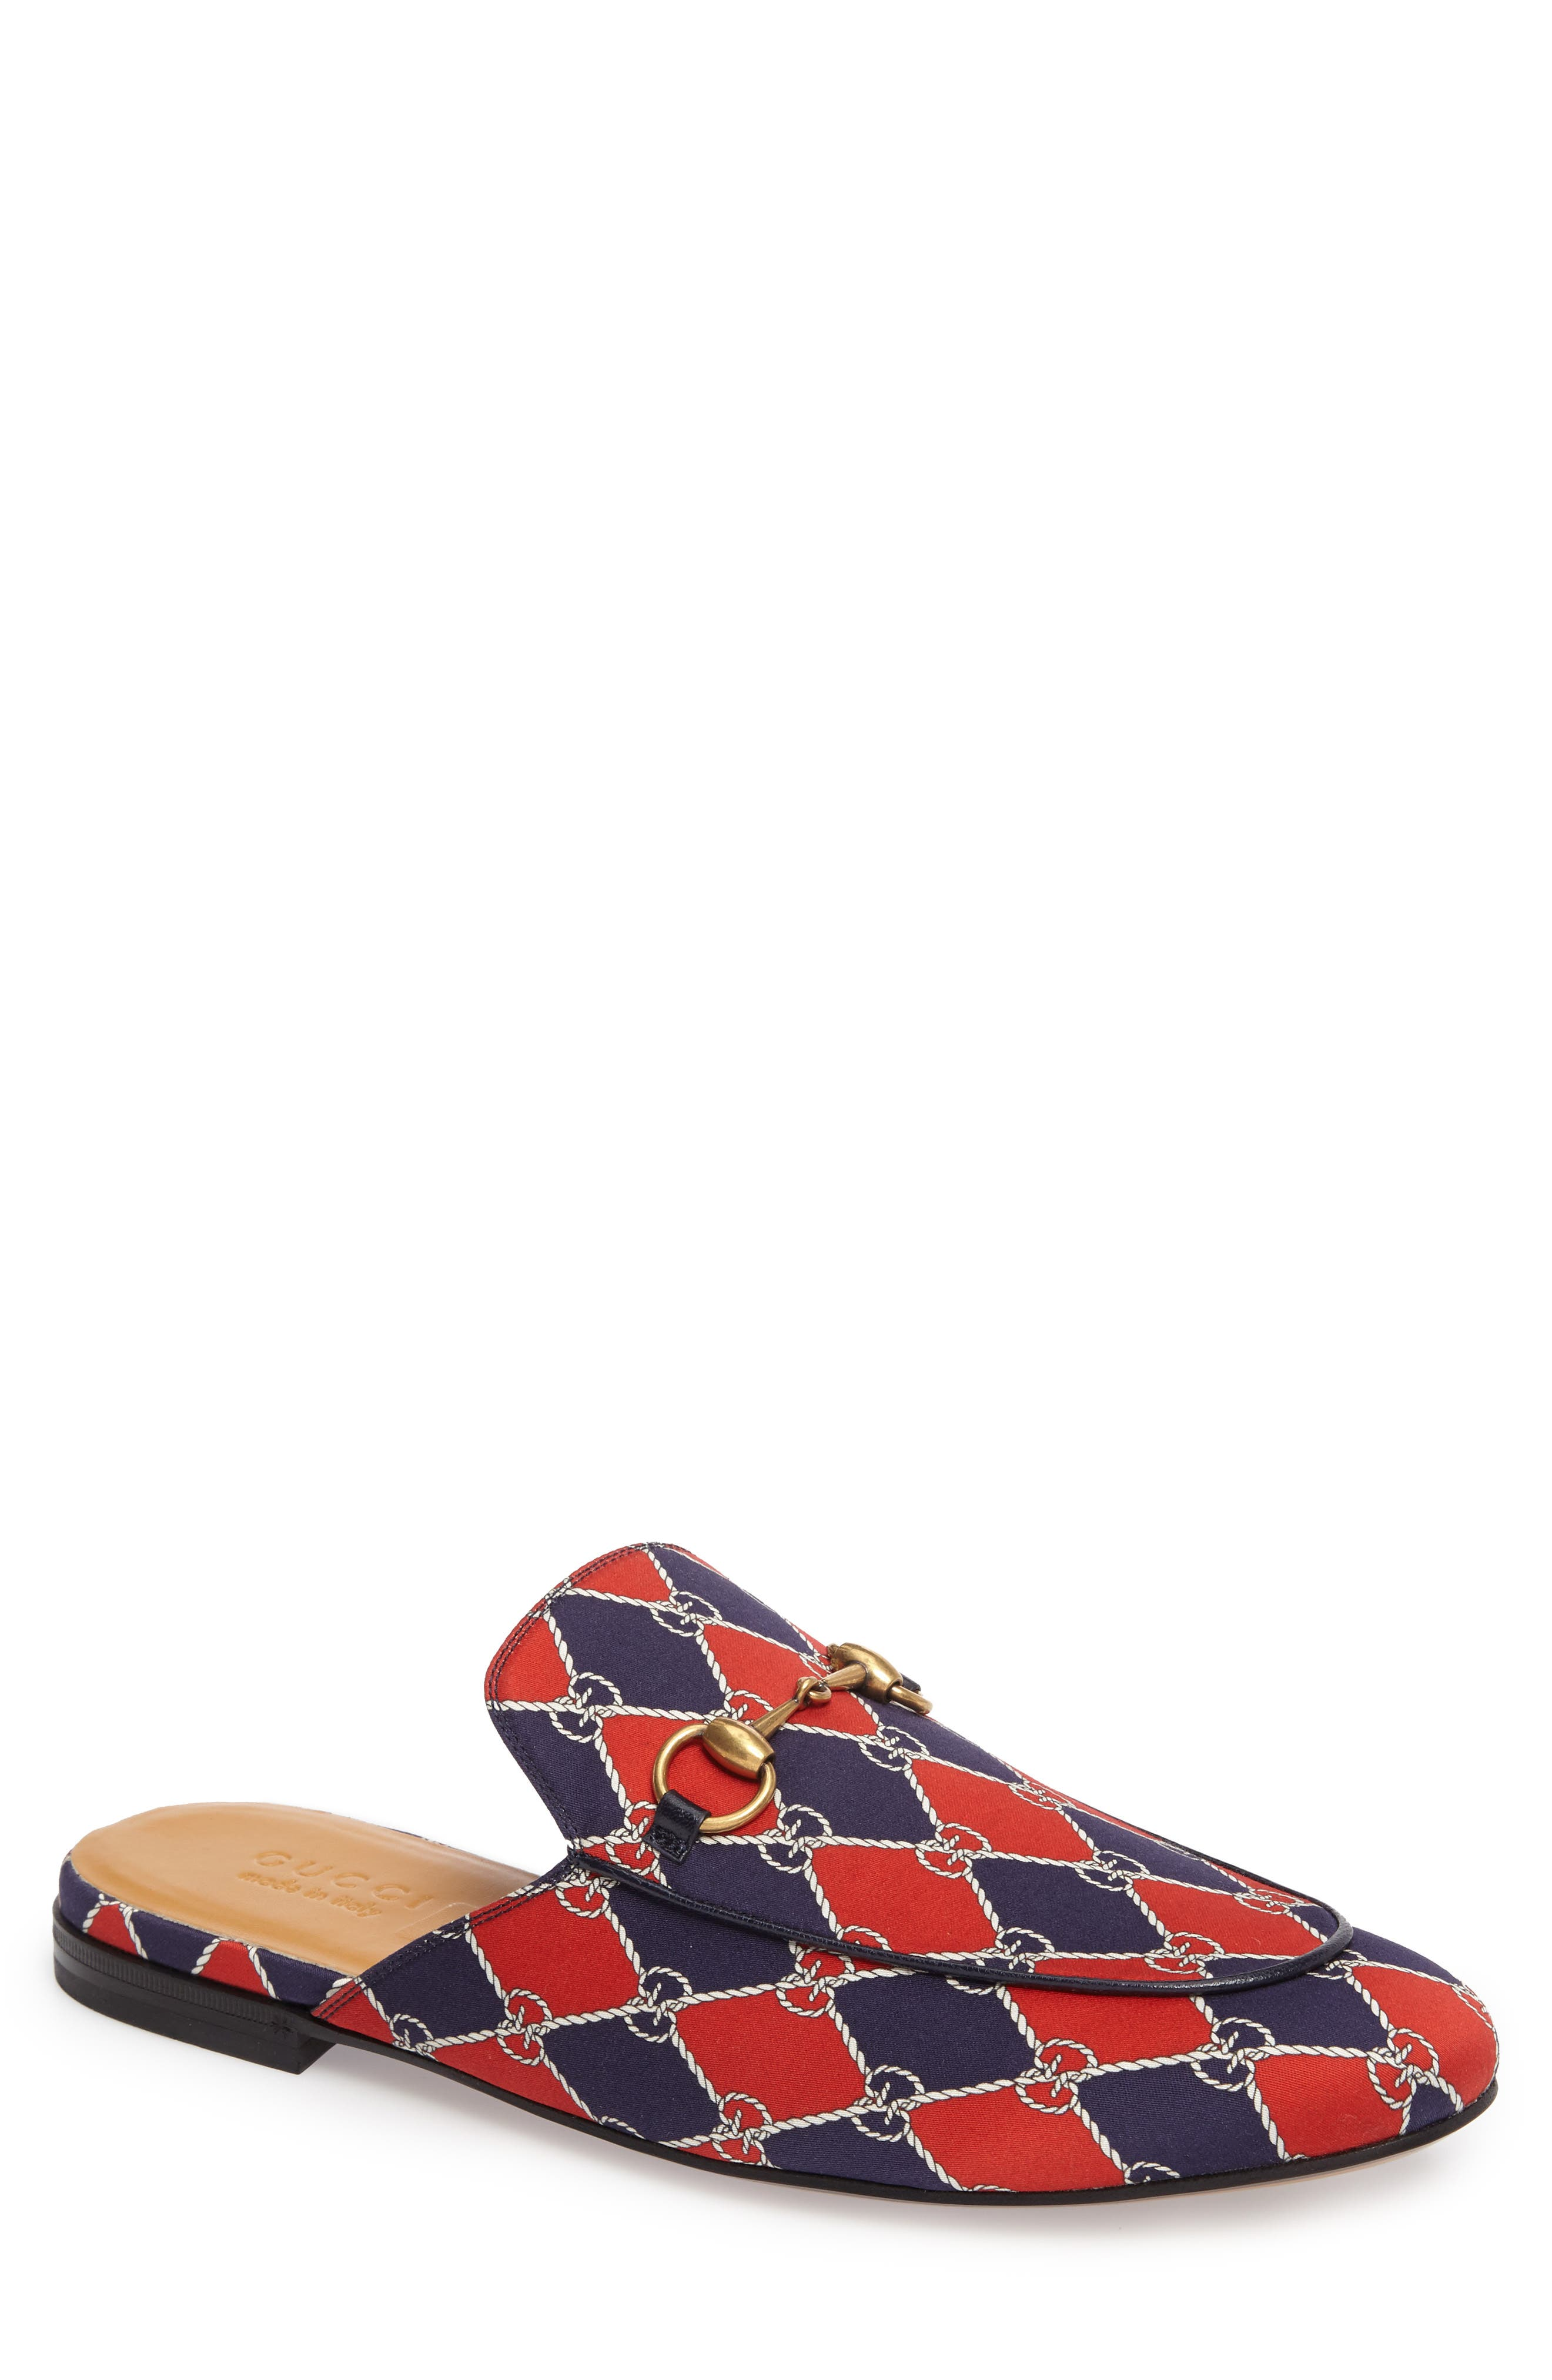 Alternate Image 1 Selected - Gucci King's Harlequin Bit Loafer (Men)